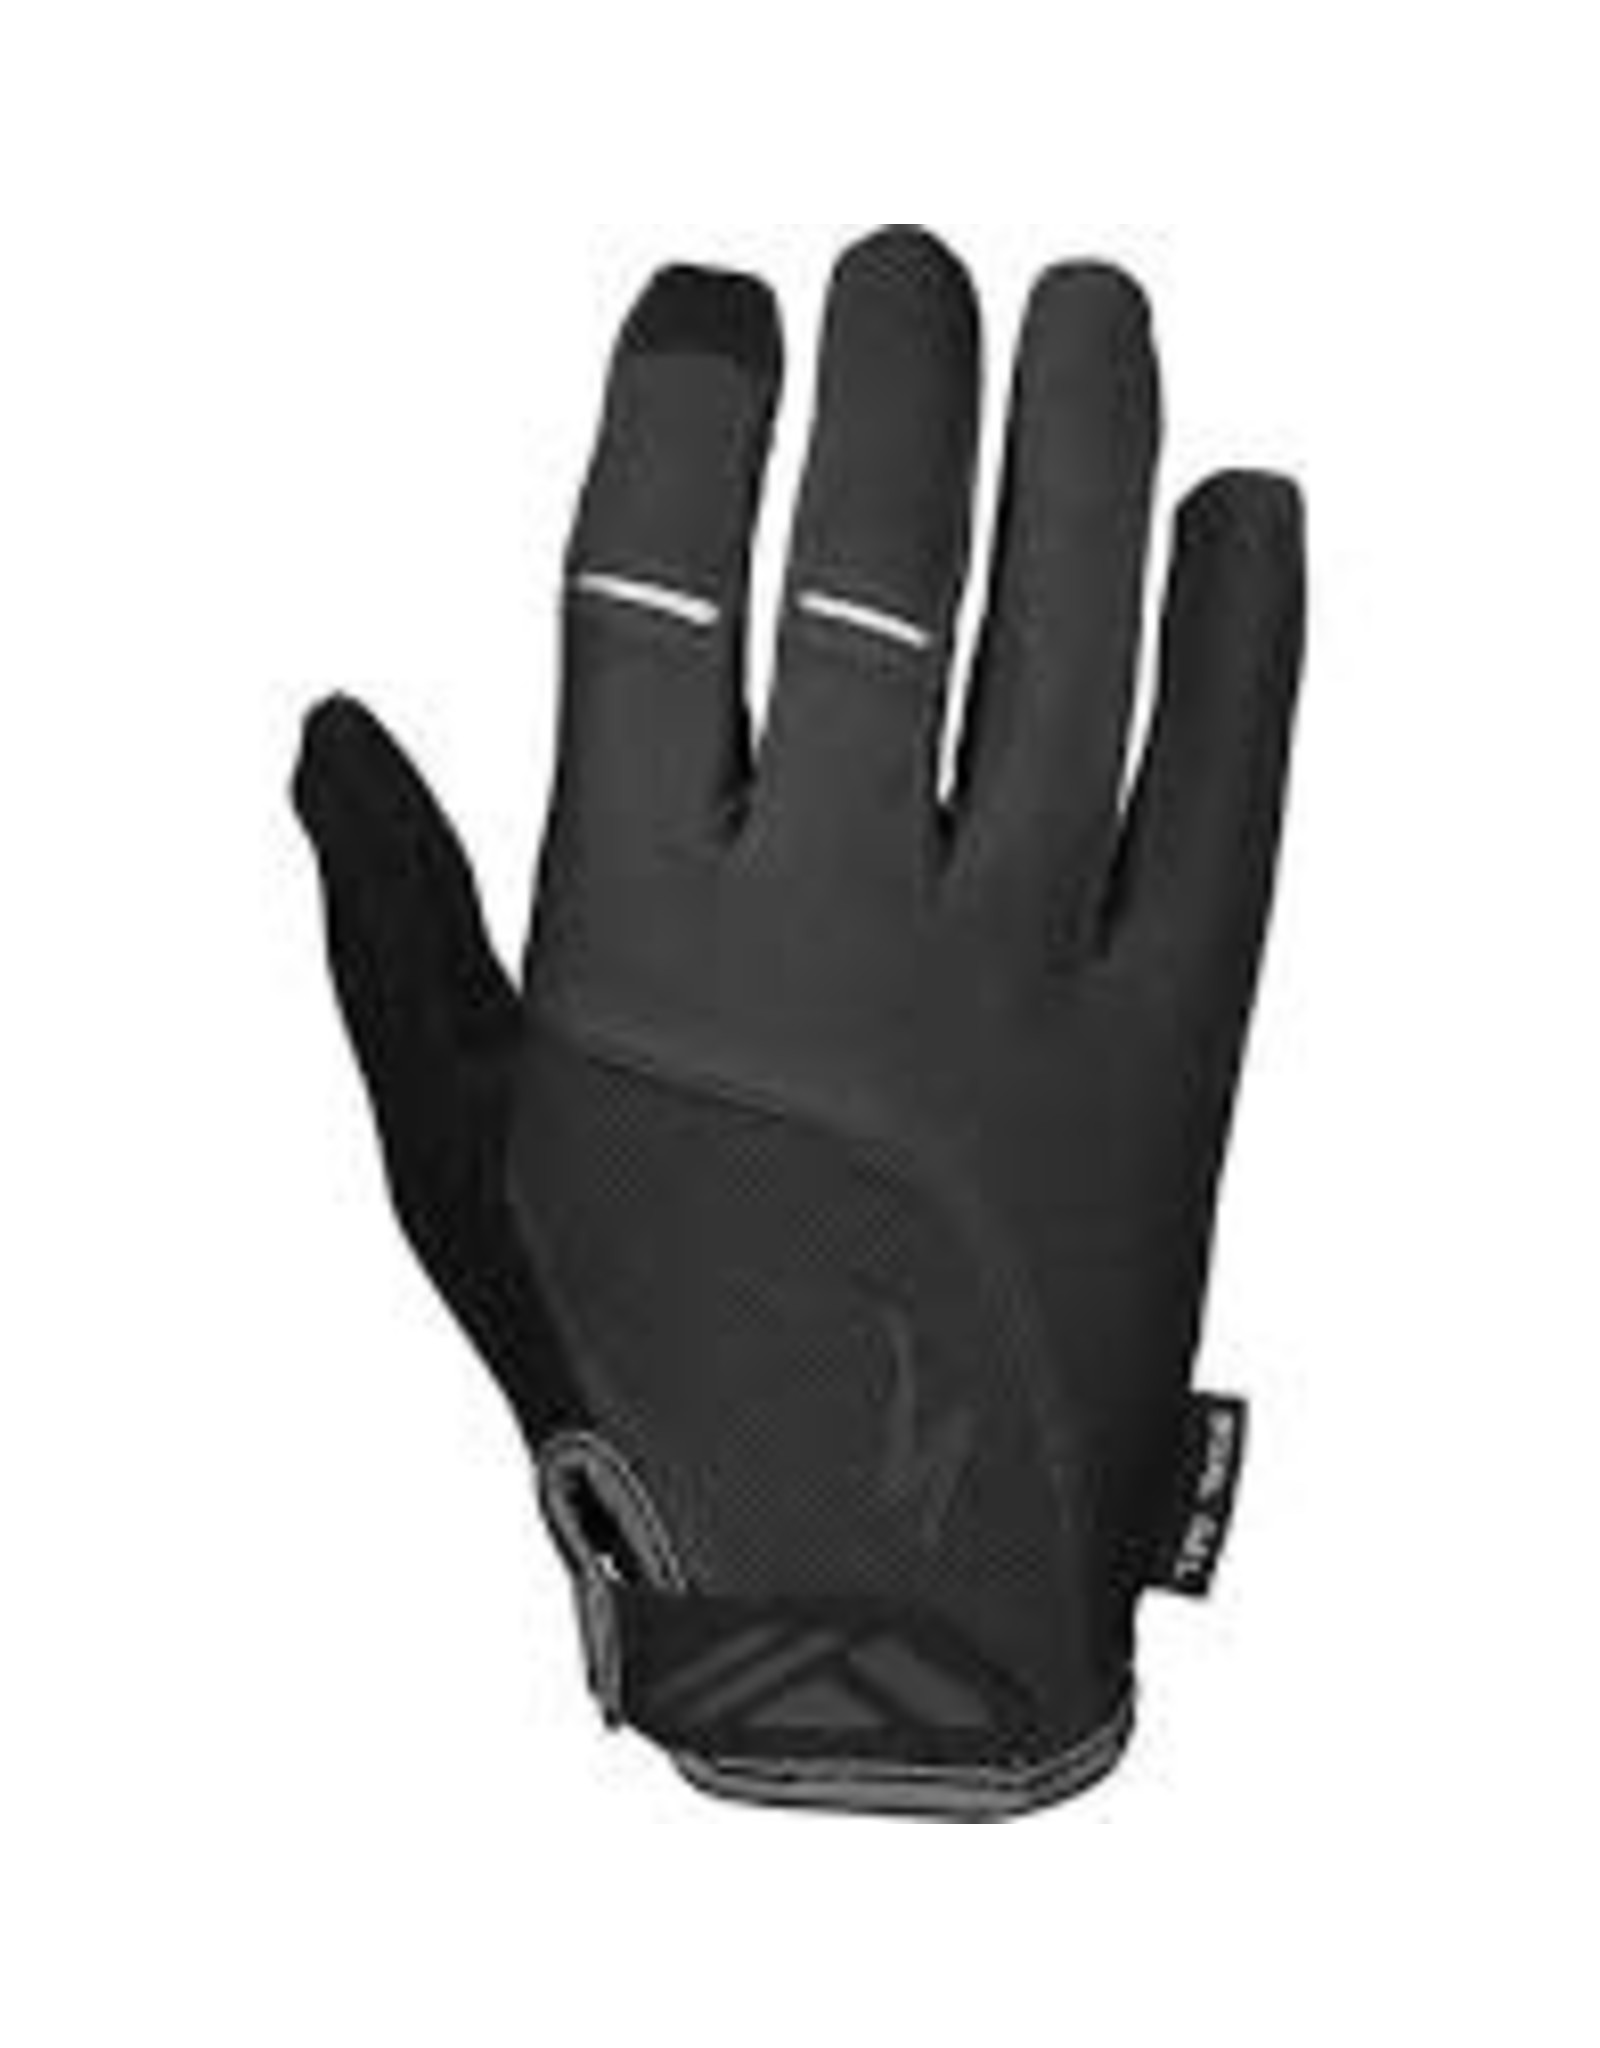 Specialized Glove Spec Gel Long Finger Black Large